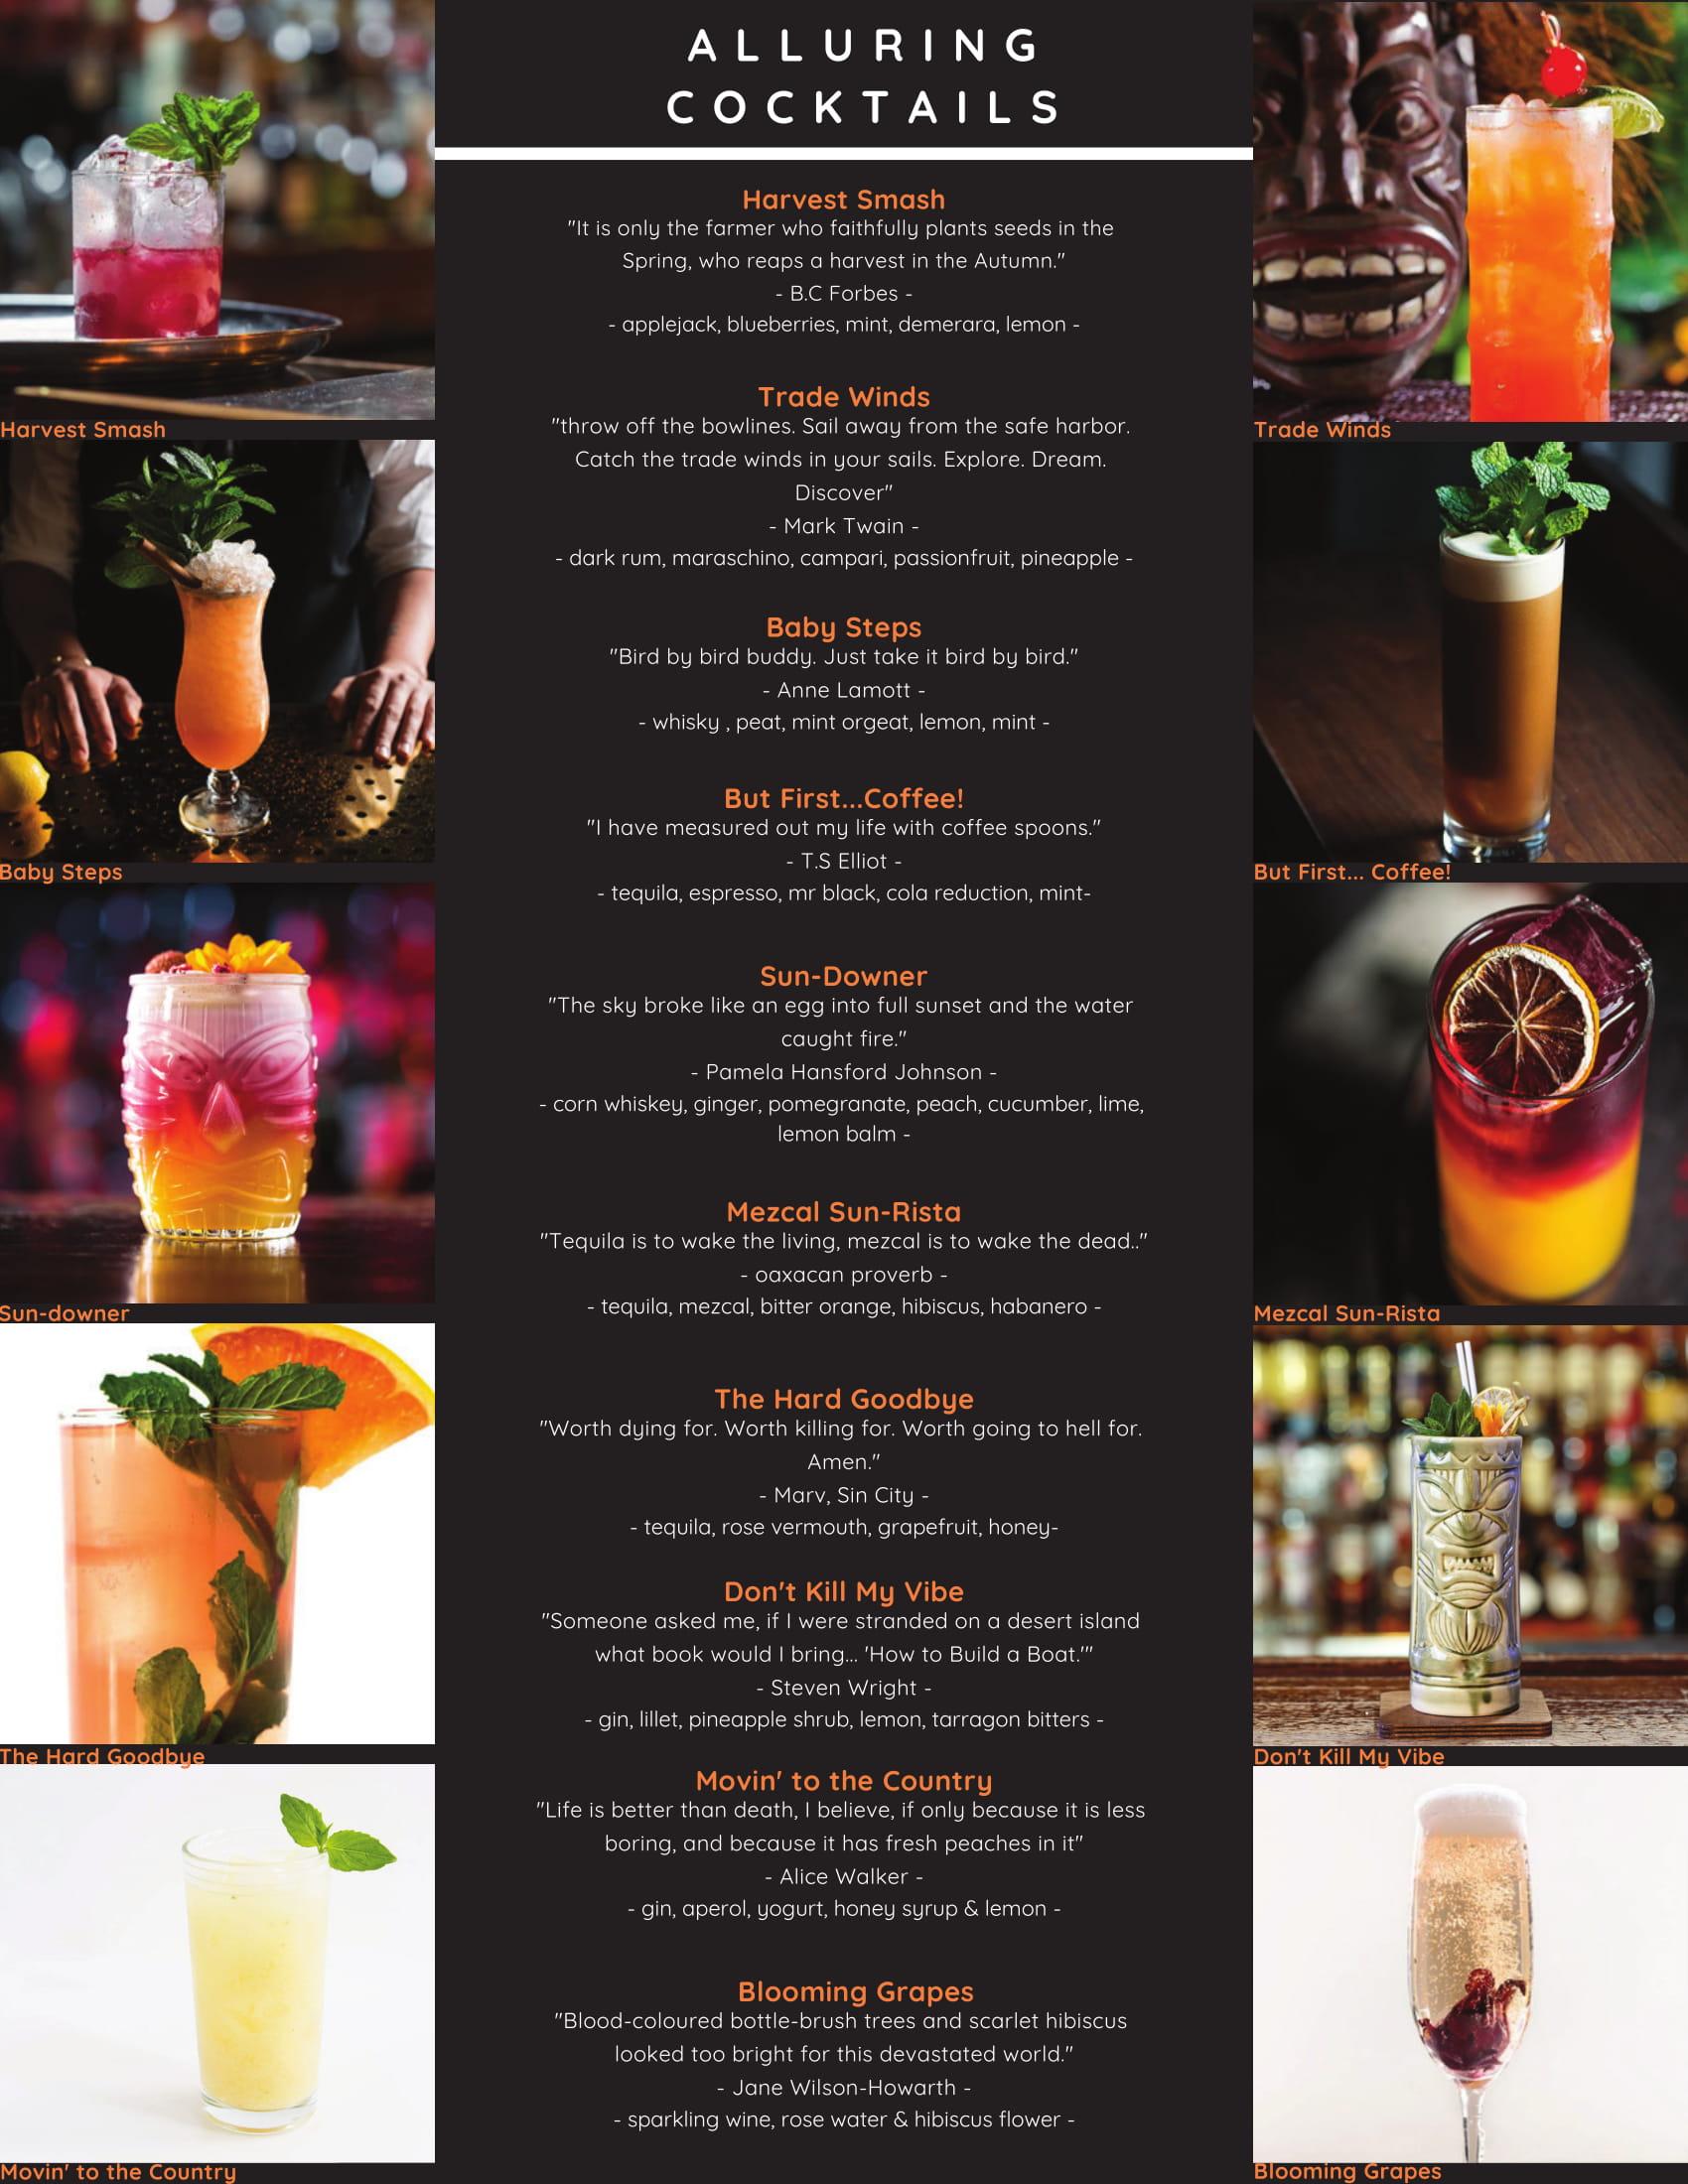 Your Bartender Alluring Cocktails Menu List